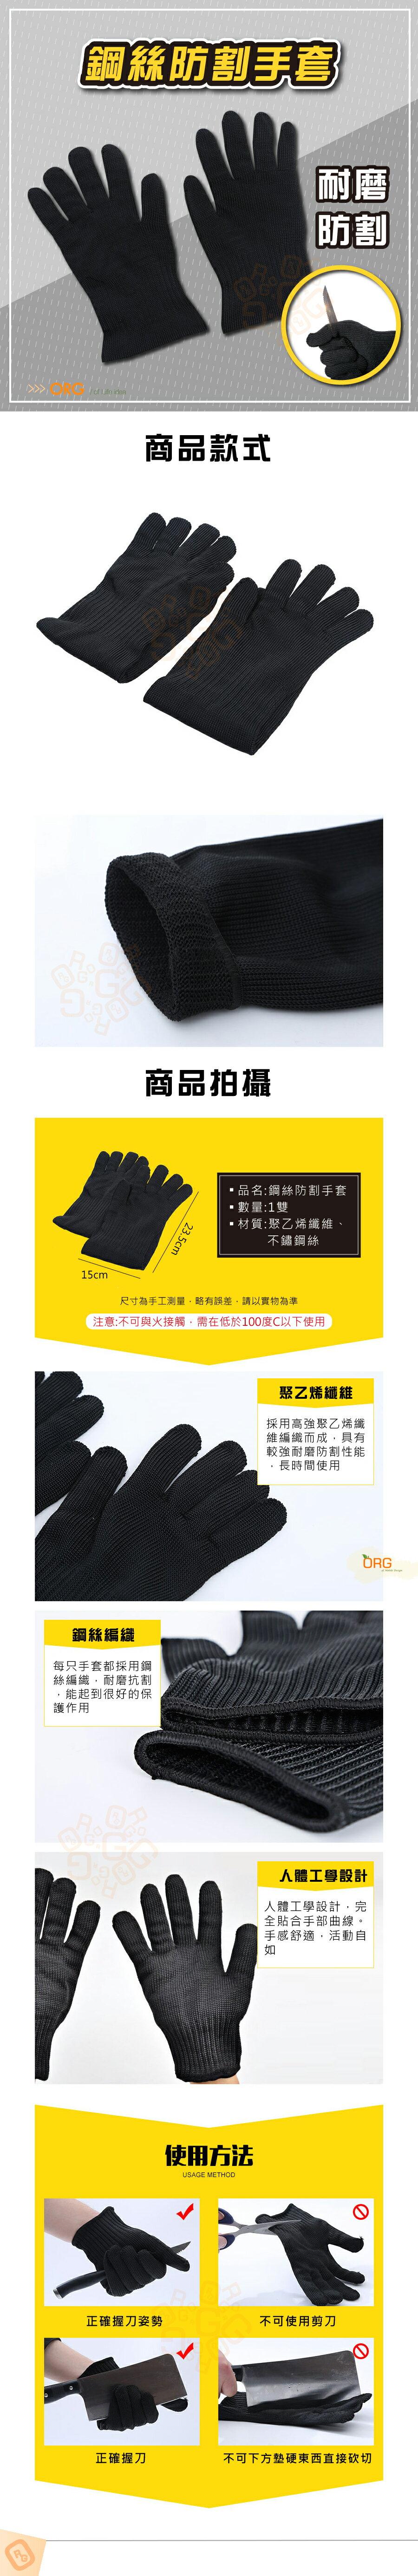 ORG《SD1820》安全防護~5級 防刺手套 加厚防割手套 鋼絲手套 防切手套 耐磨手套 防滑手套 防護手套 工作手套